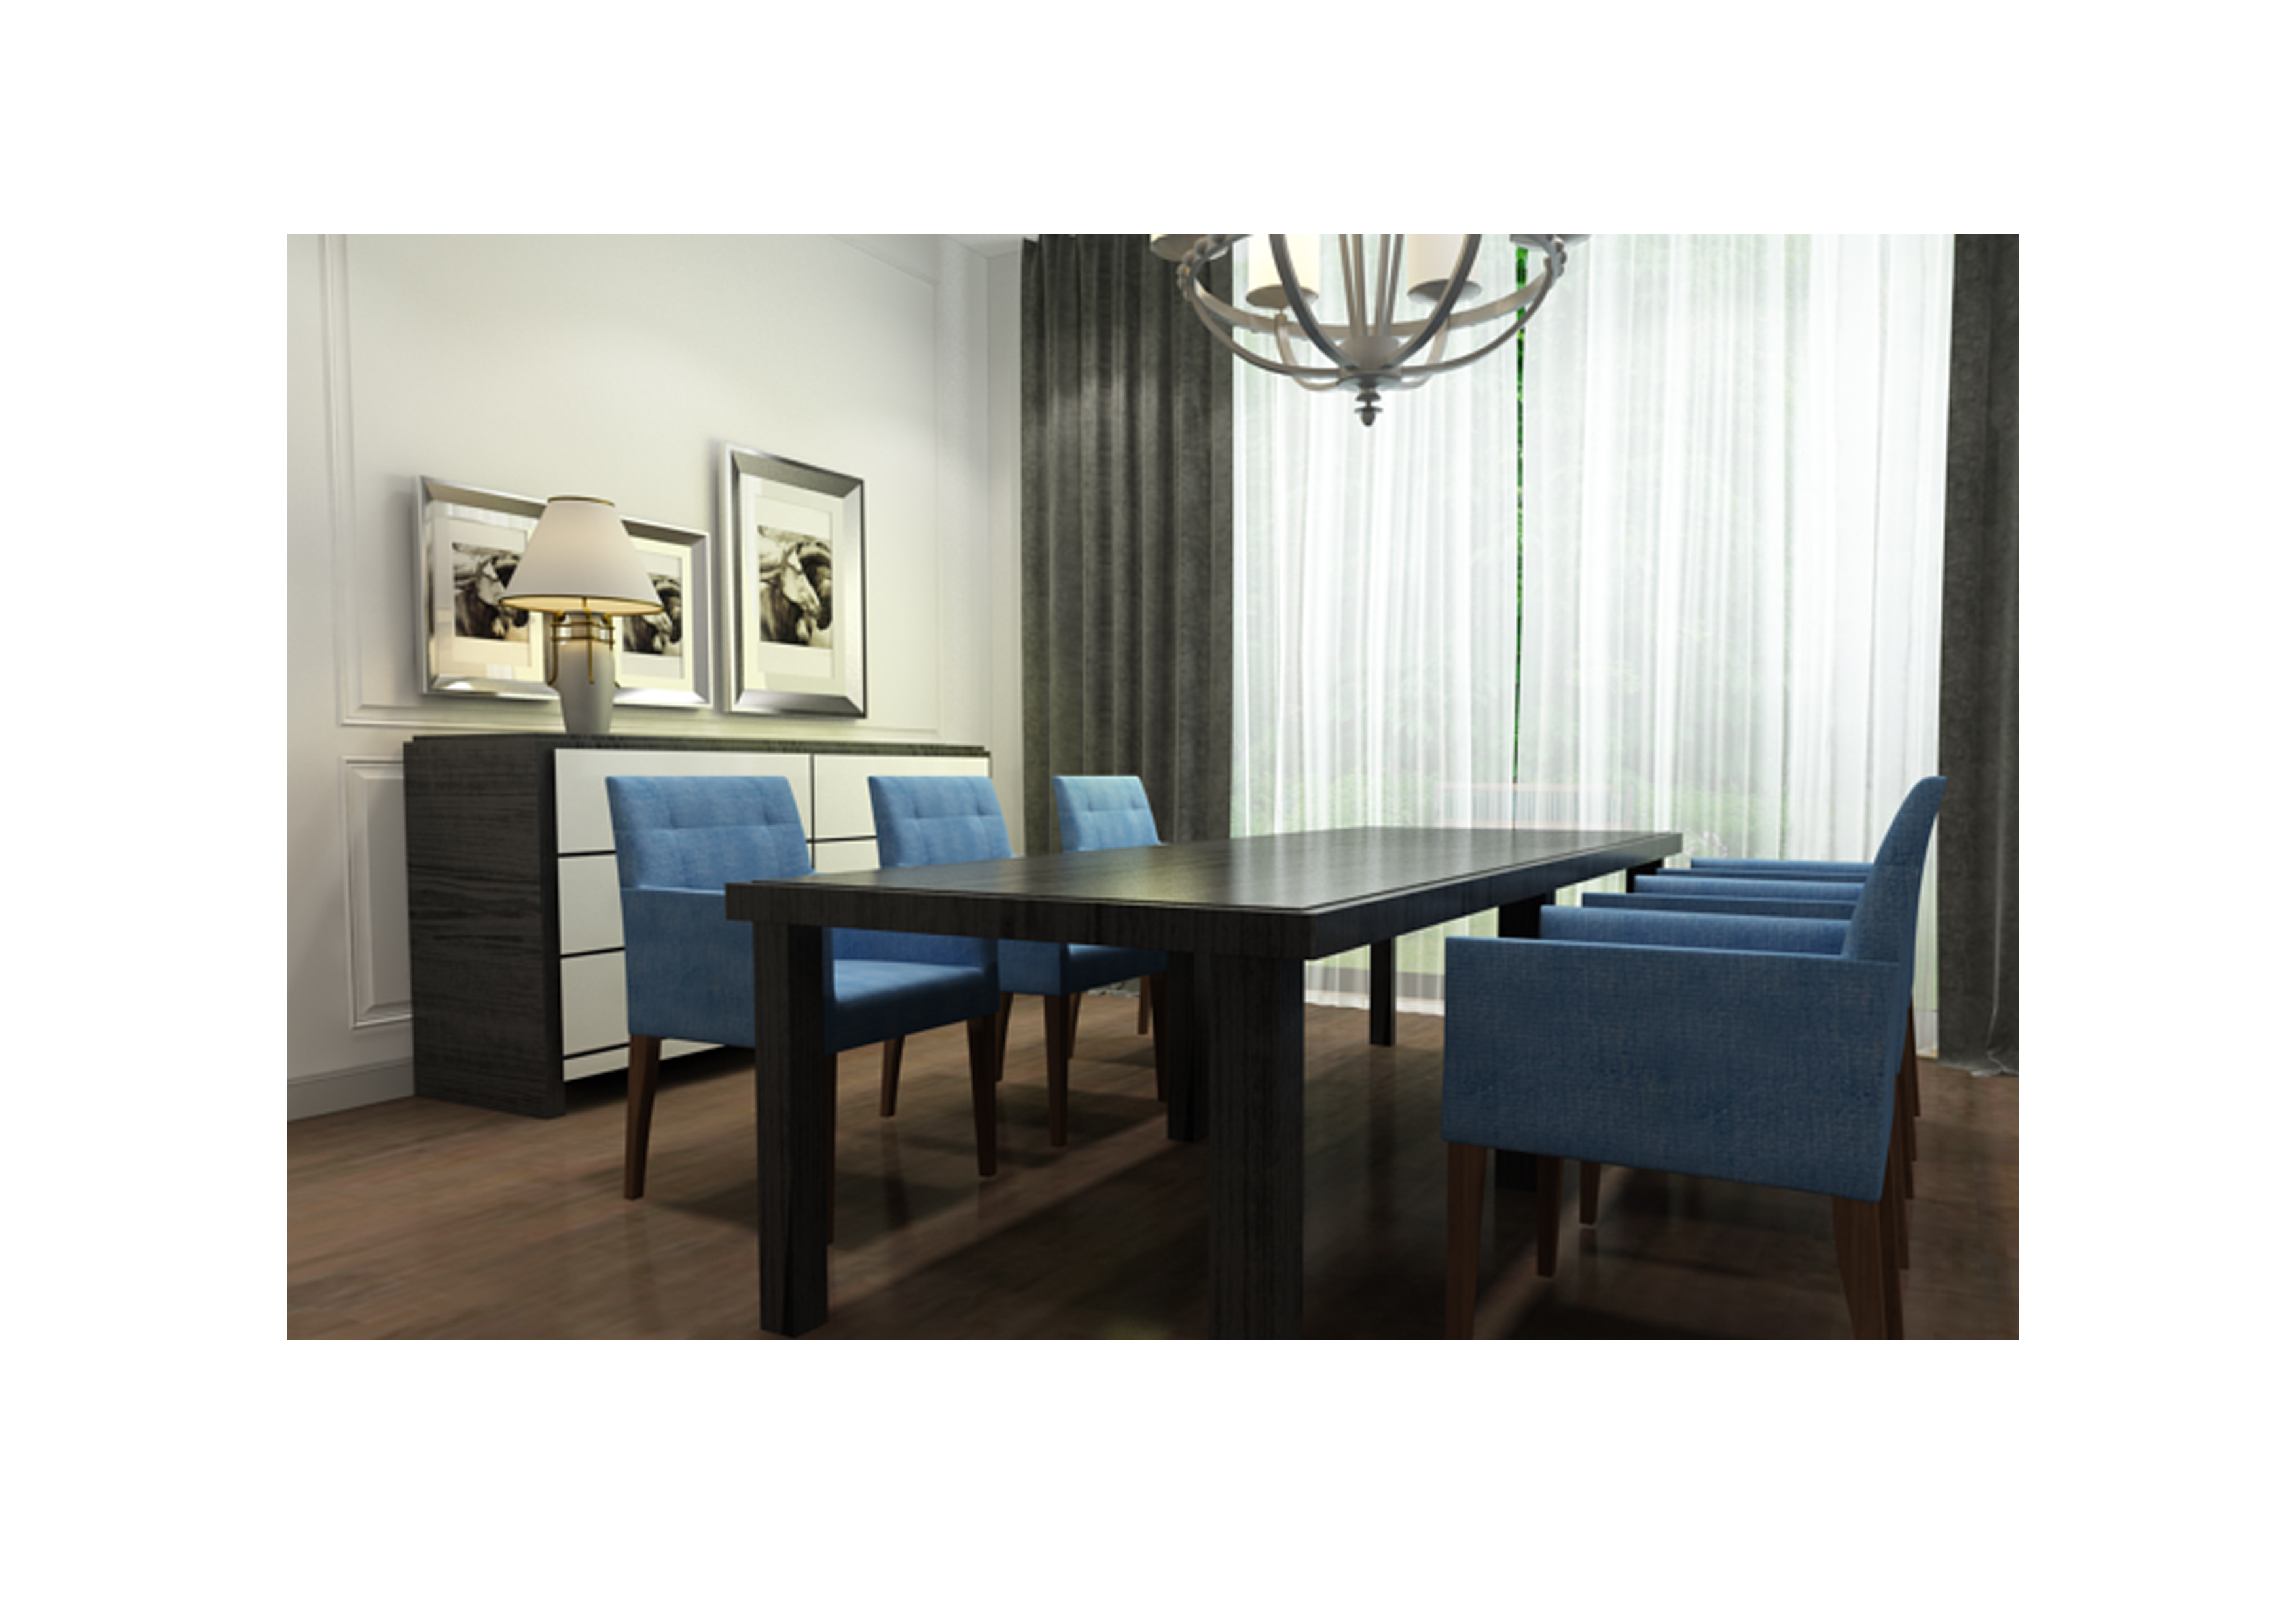 Разработать дизайн однокомнатной квартиры 39 кв.м. фото f_7685937bb30c3cd8.jpg